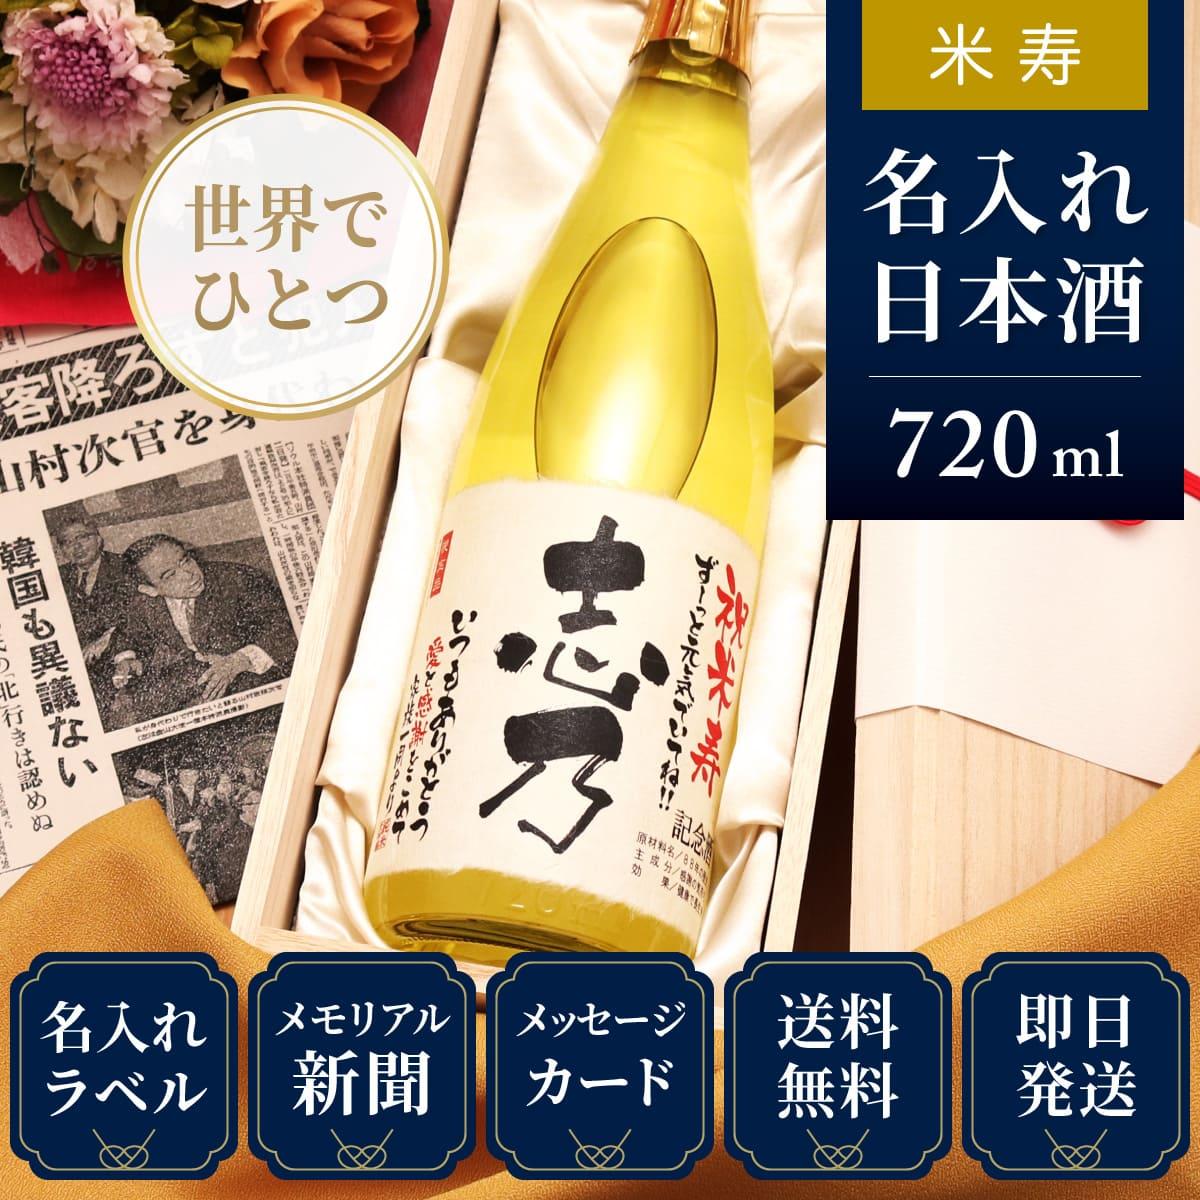 【米寿のお祝いに】記念日新聞付き名入れ日本酒720ml≪巴月≫【純米大吟醸】